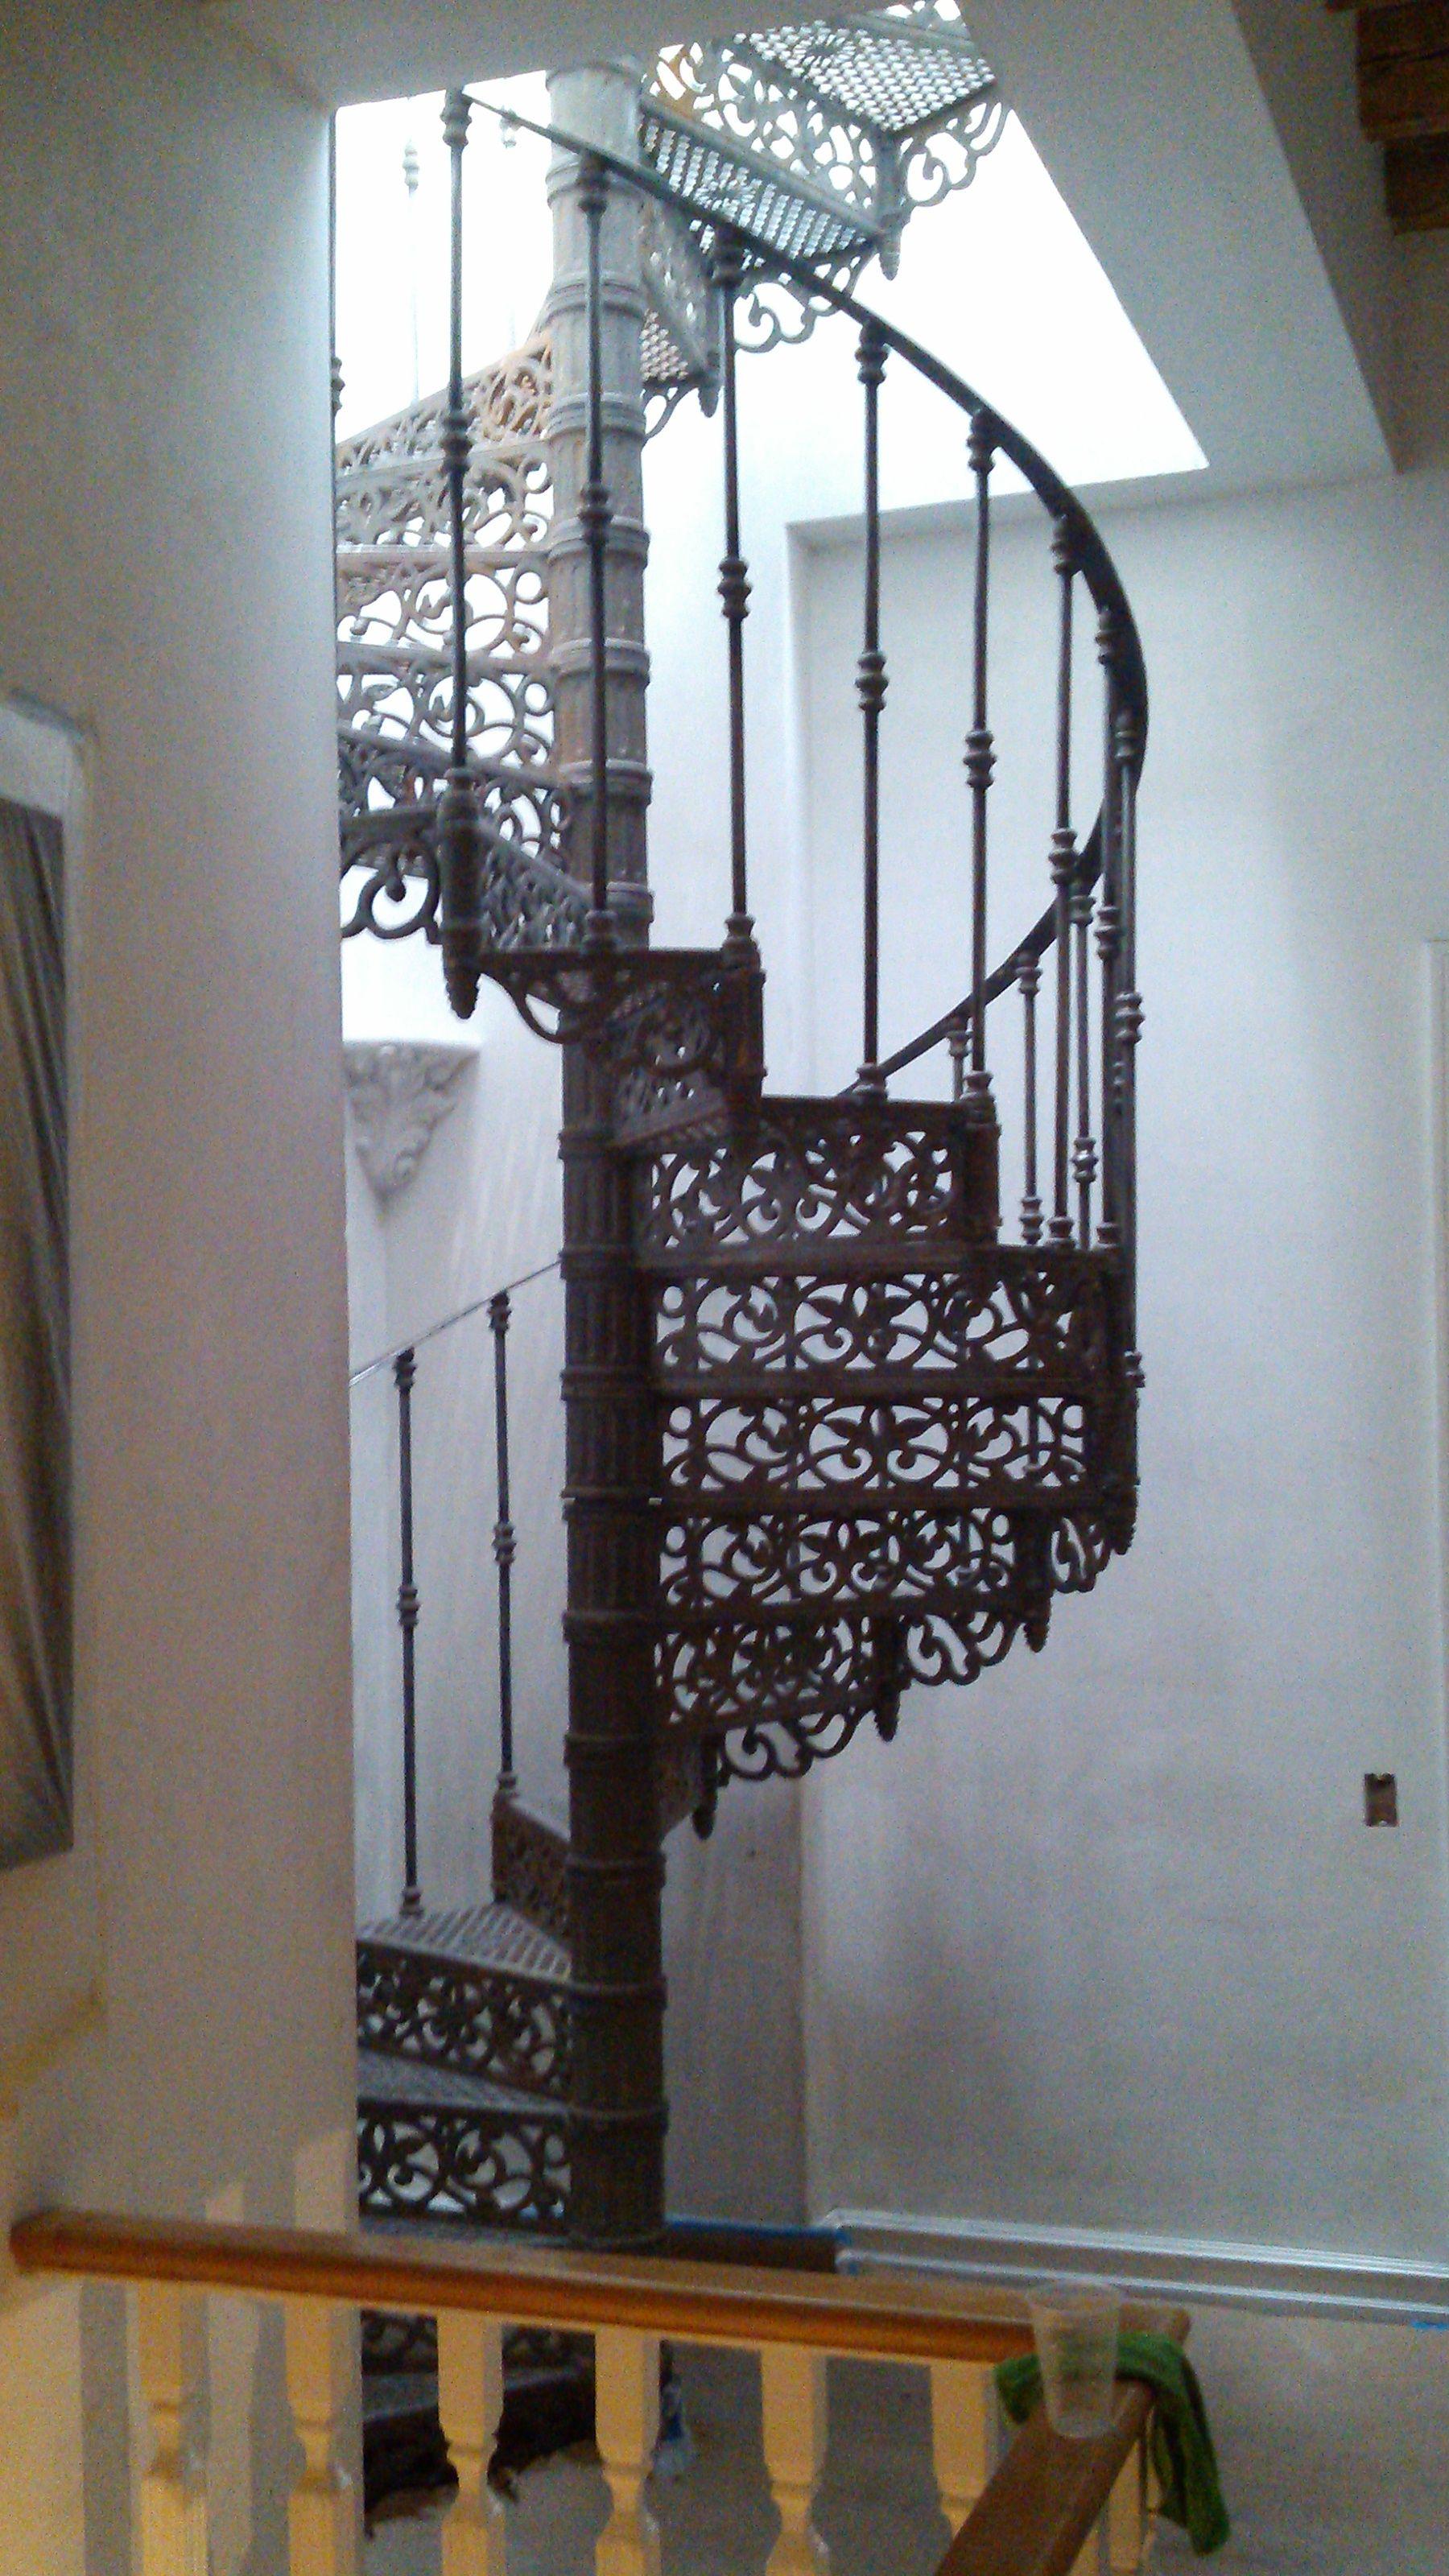 Escalera caracol fierro colado escaleras escaleras - Escalera caracol de madera ...